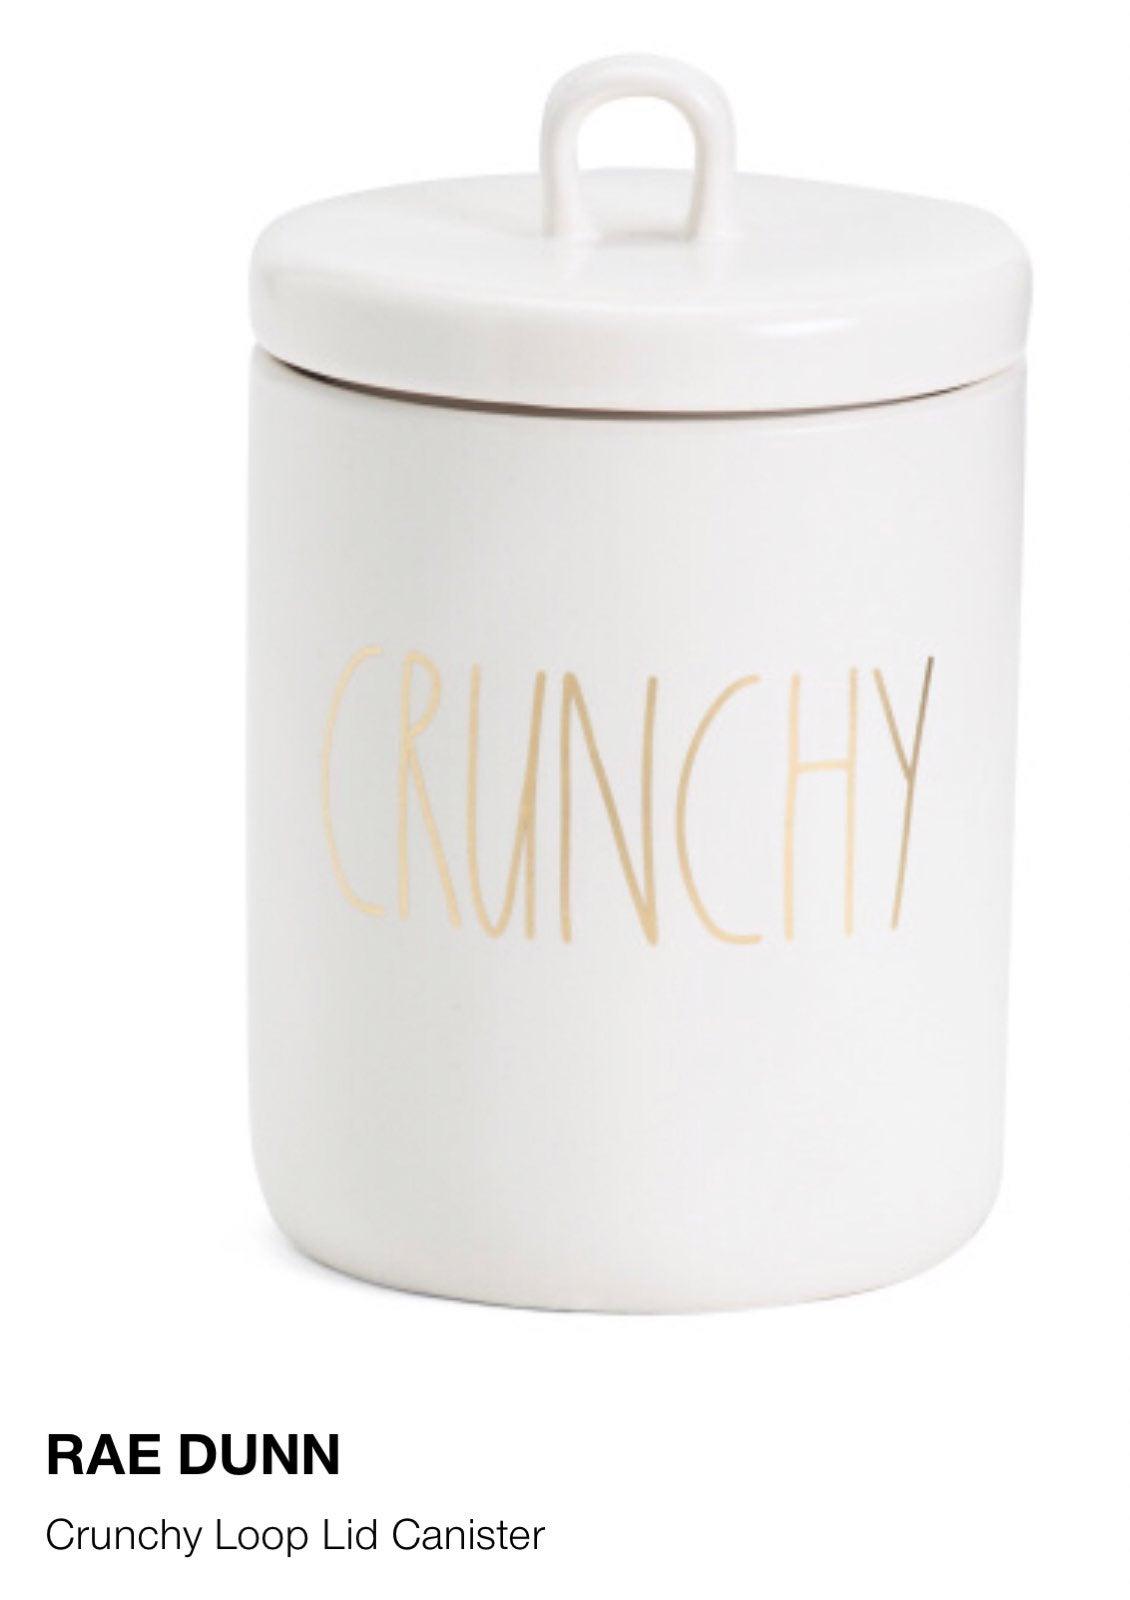 Rae Dunn Crunchy Canister